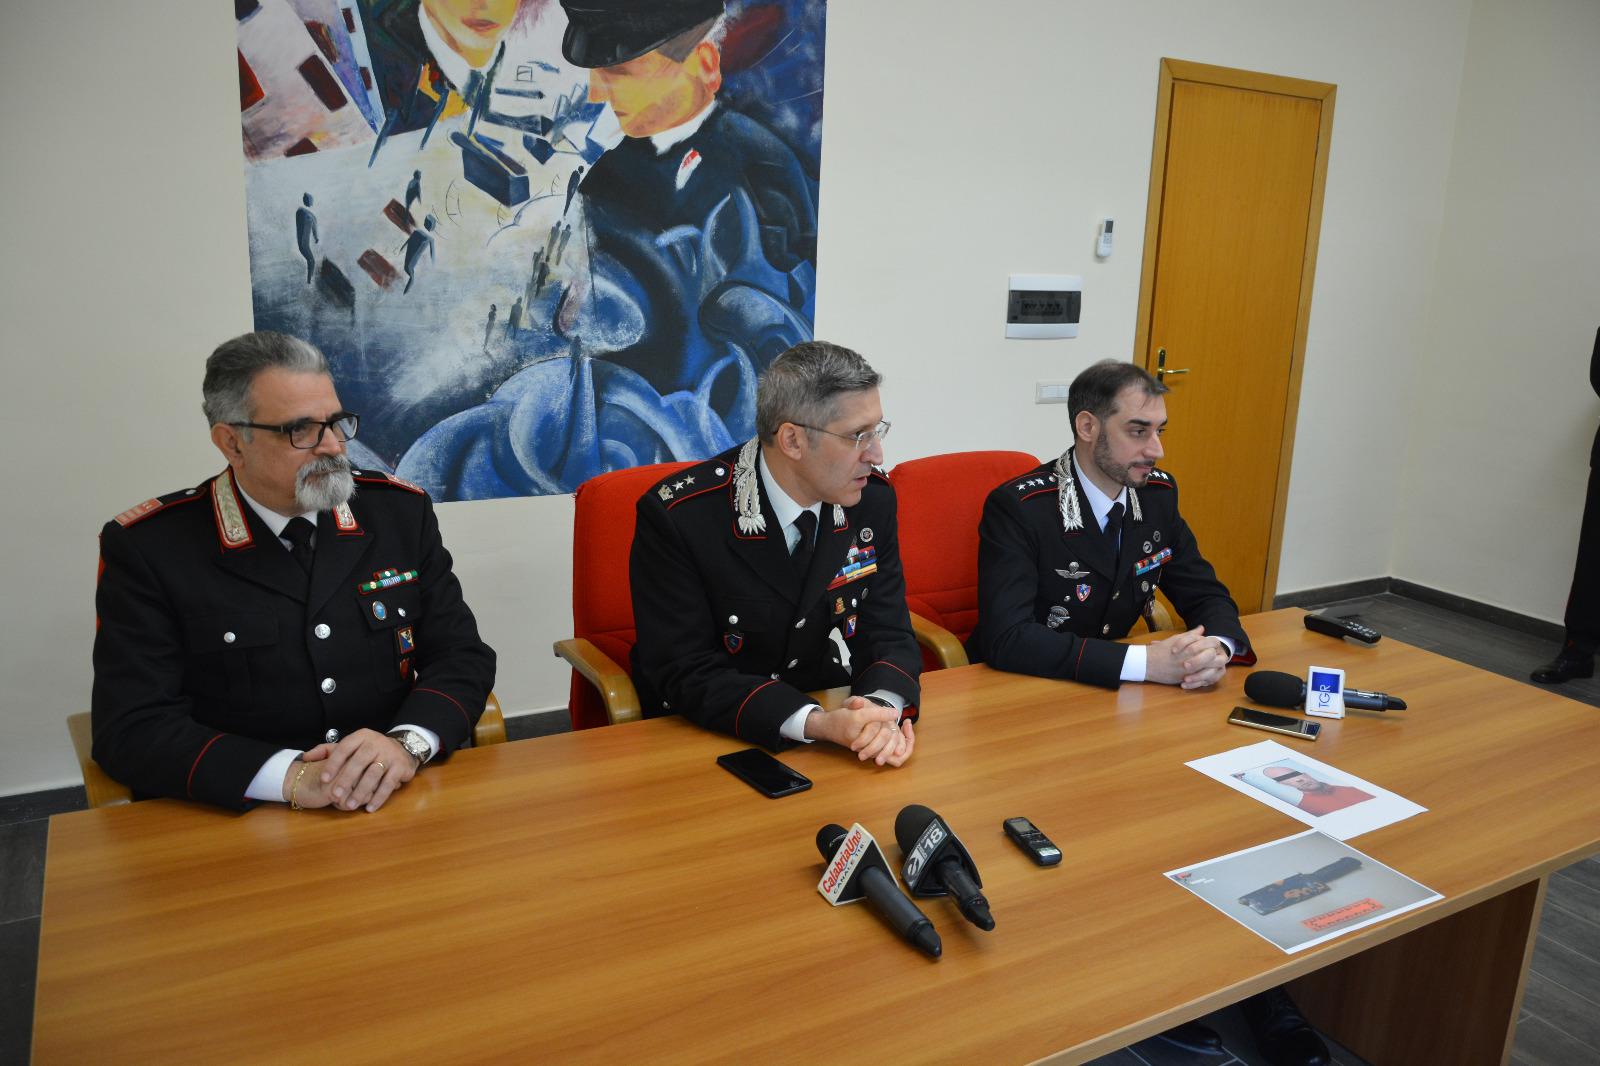 Omicidio Carruccio a Cirò Marina, fermato un uomoIl killer ha ucciso per gelosia per una ex fidanzata